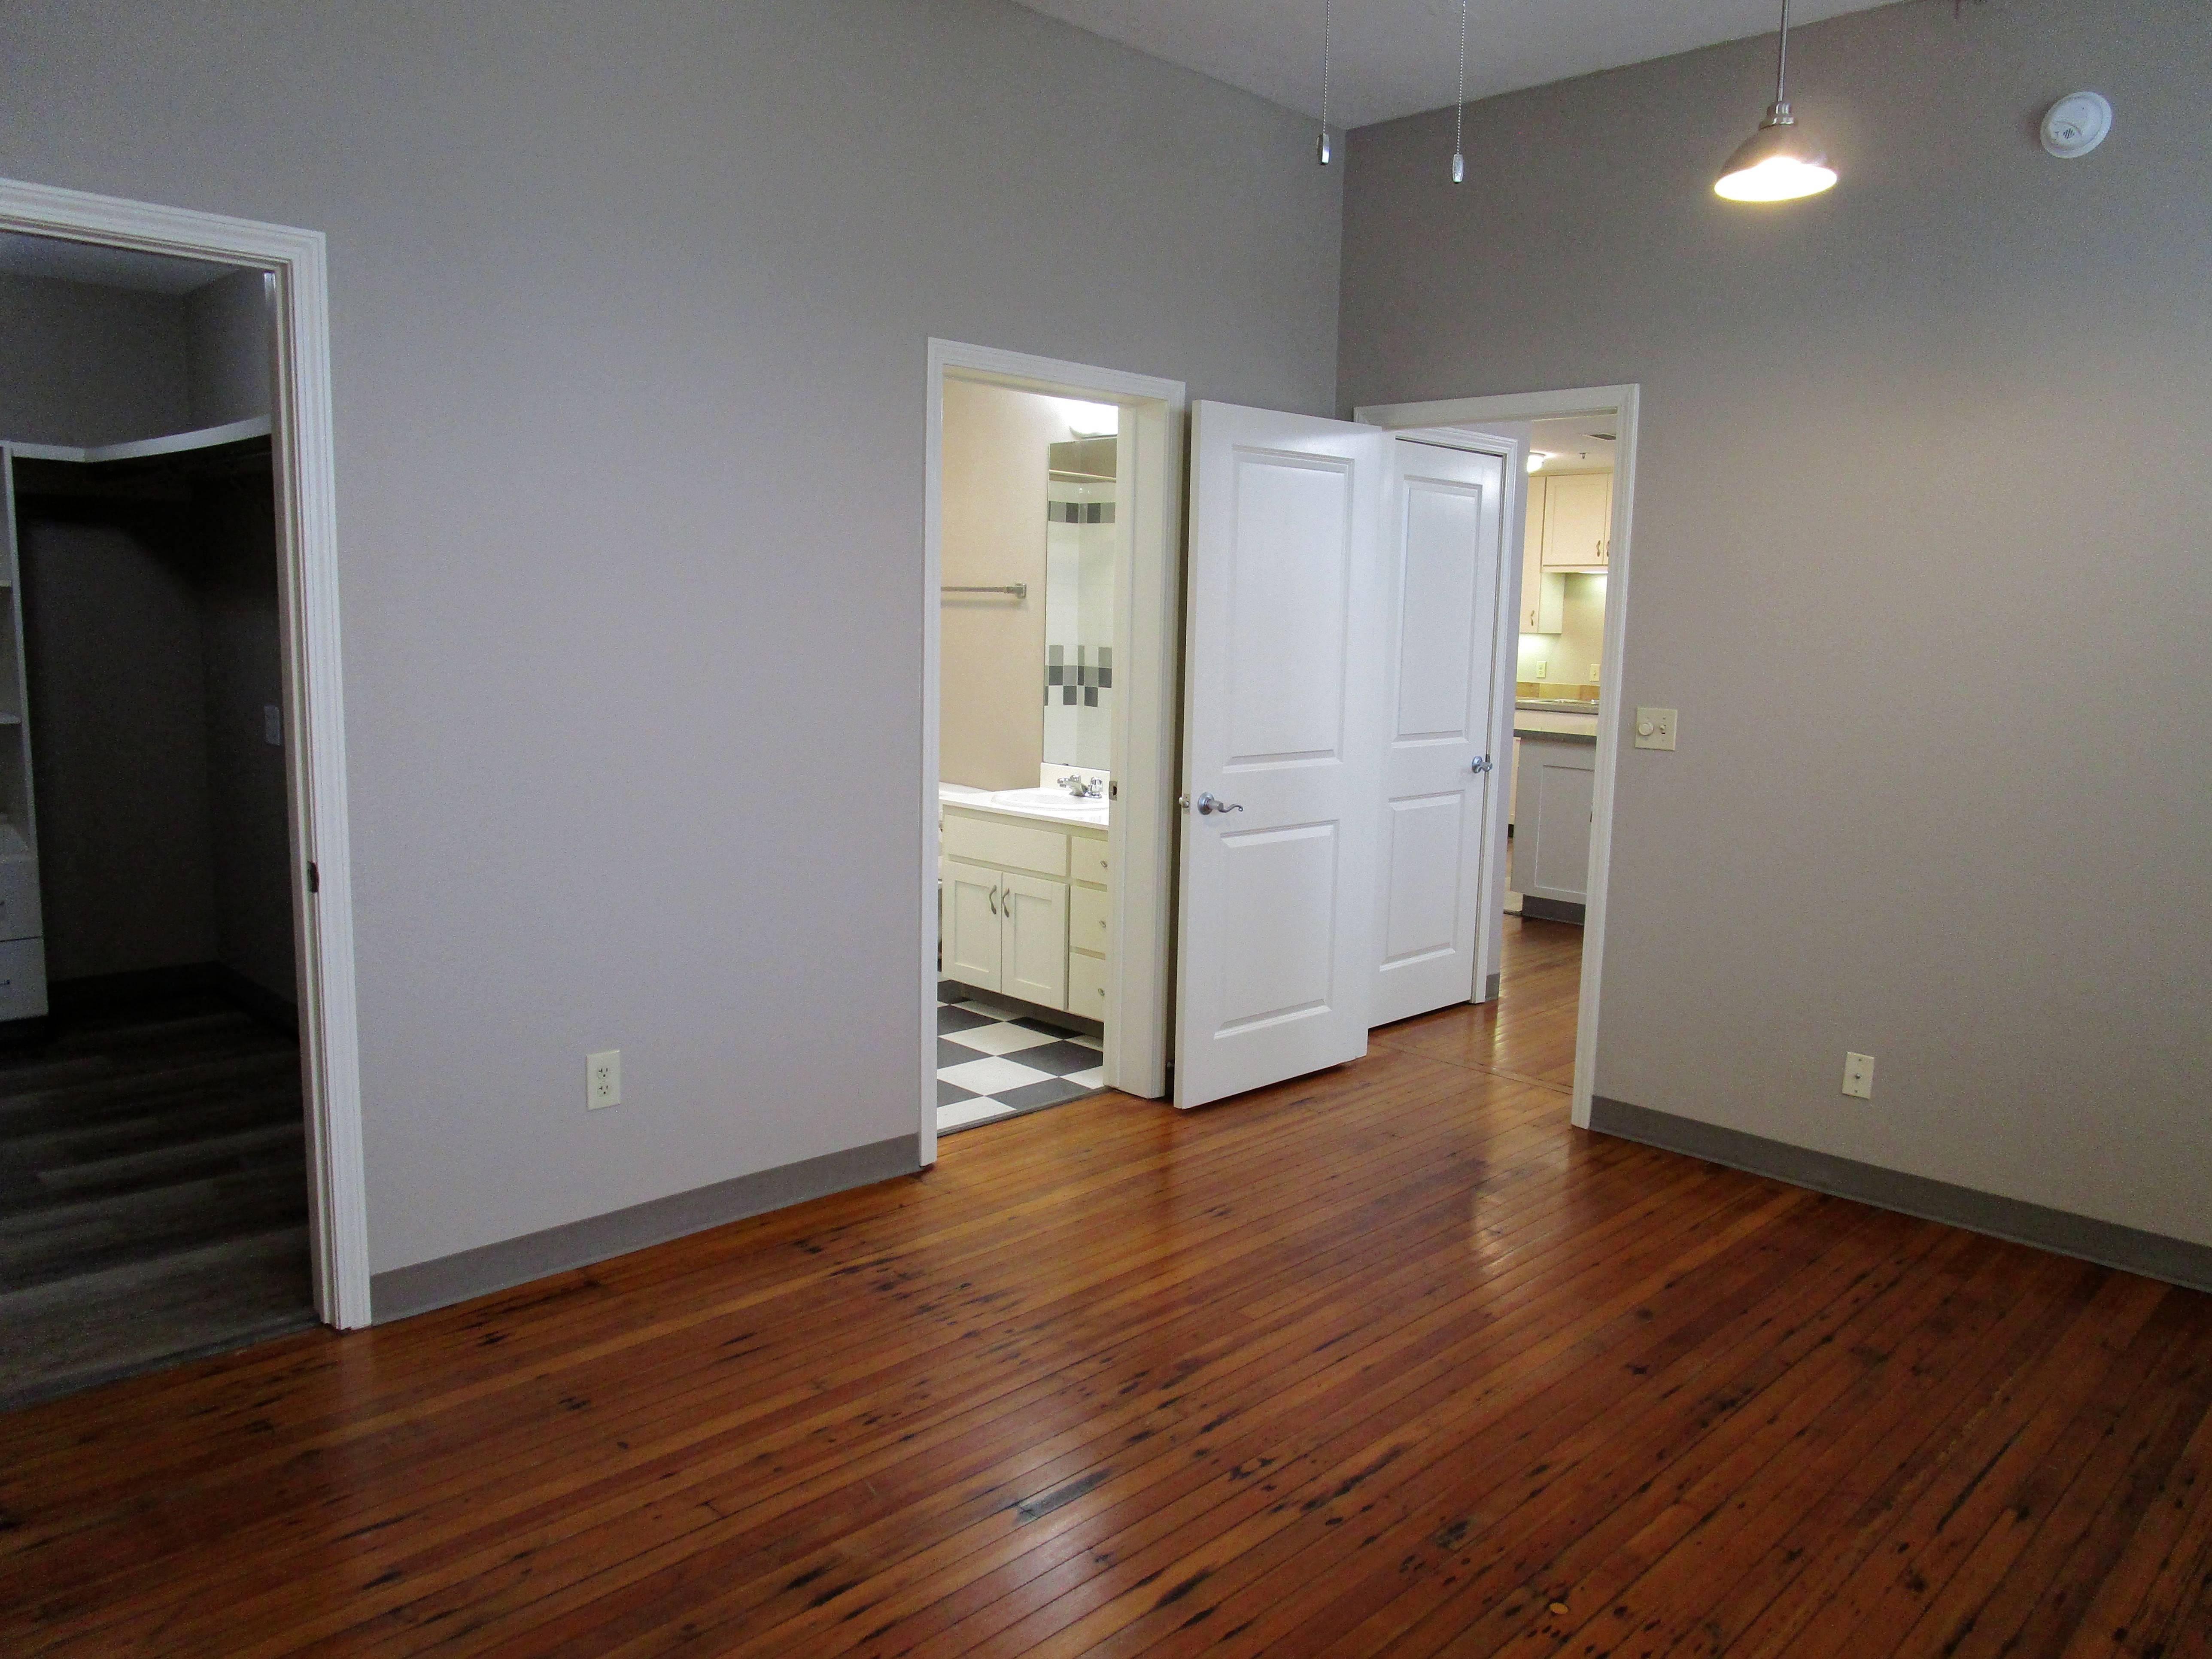 Apartment Home #530, Floor Plan E